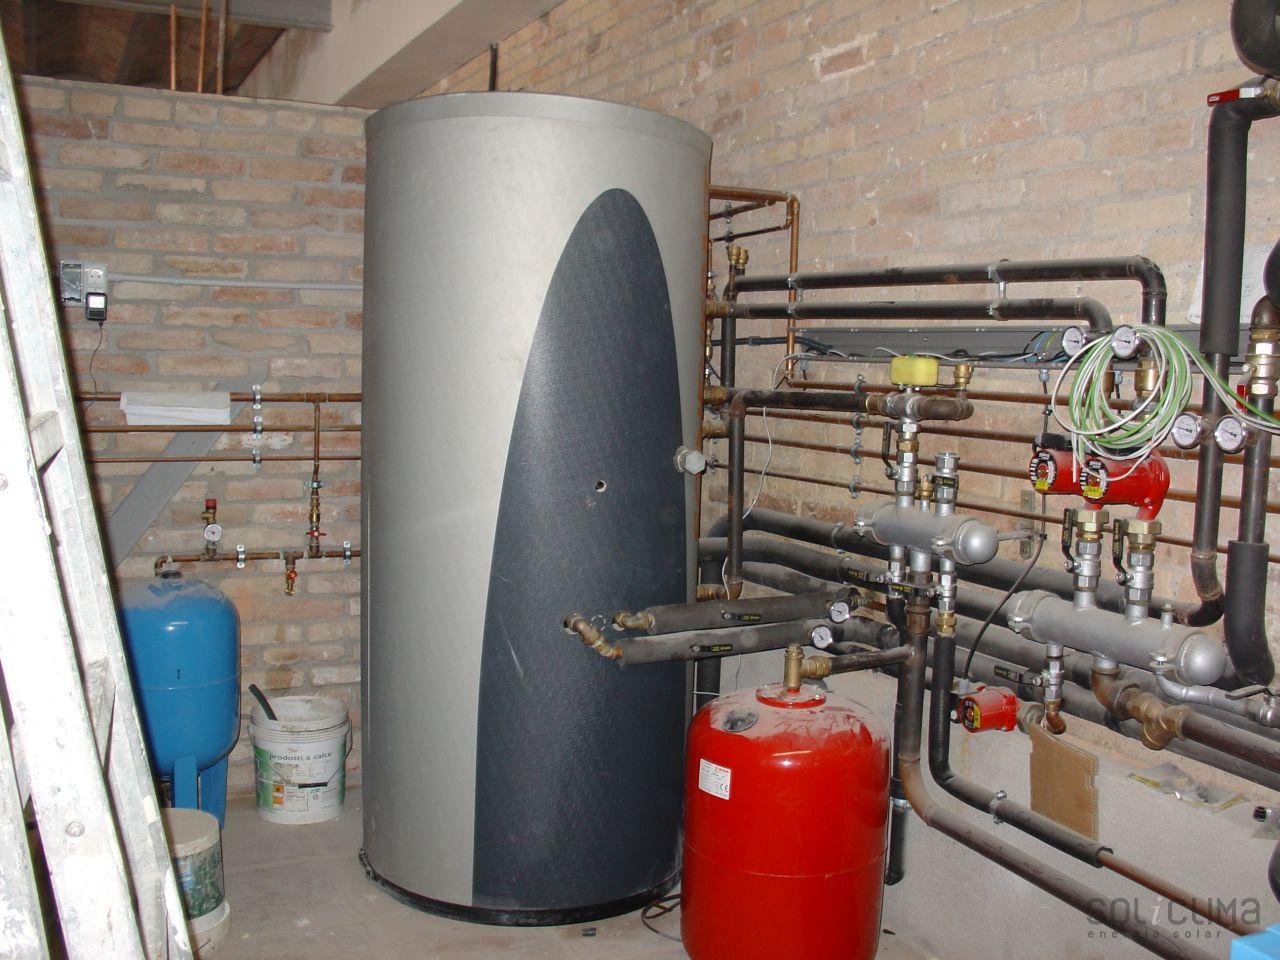 Instalacion destacada ahorro de energia for Calderas para calefaccion